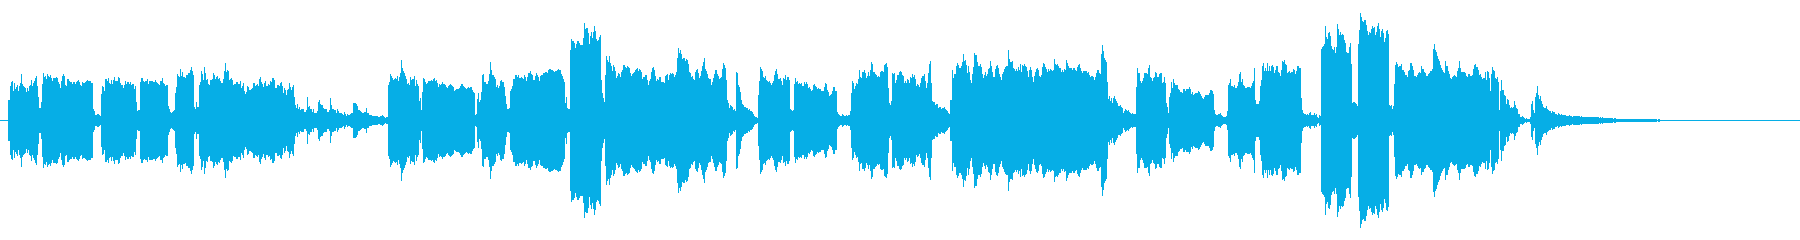 主人公が演奏する悲しいオカリナの旋律の再生済みの波形